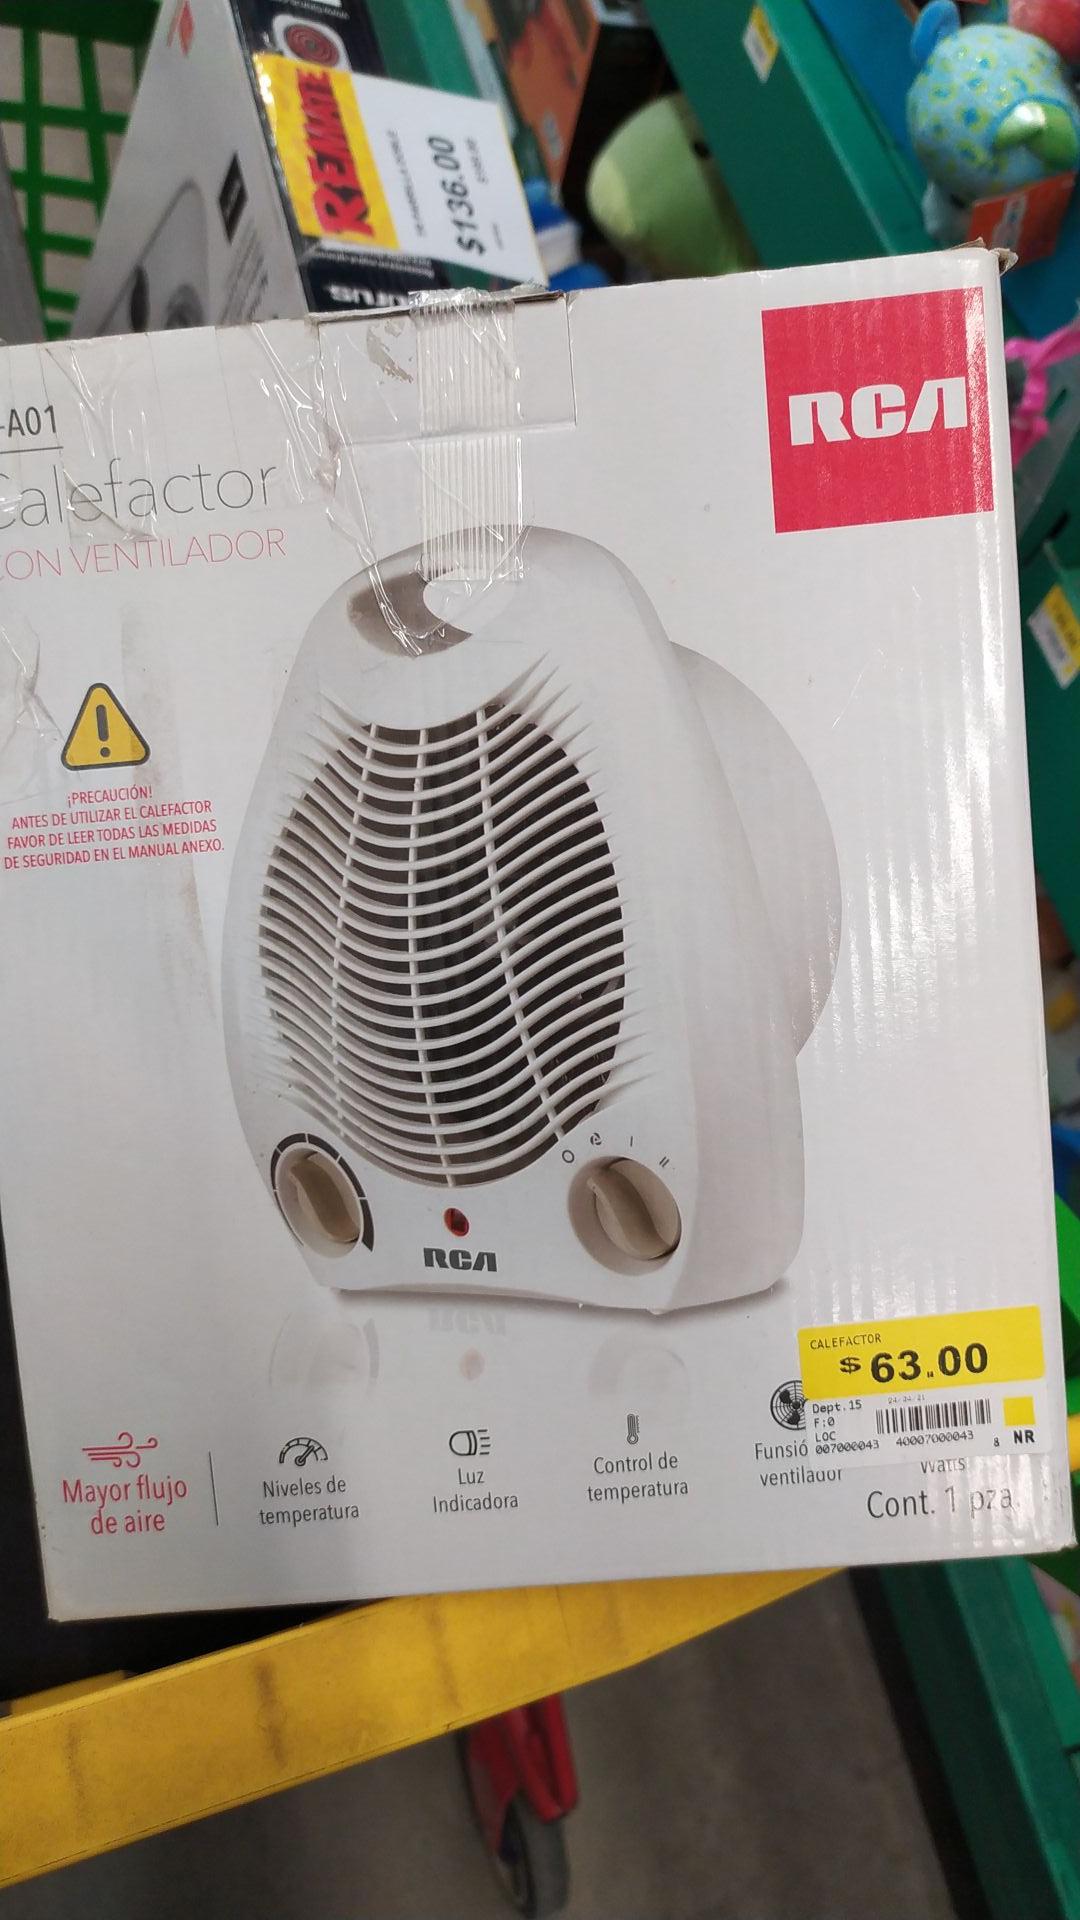 Bodega aurrera - calefactor con ventilador